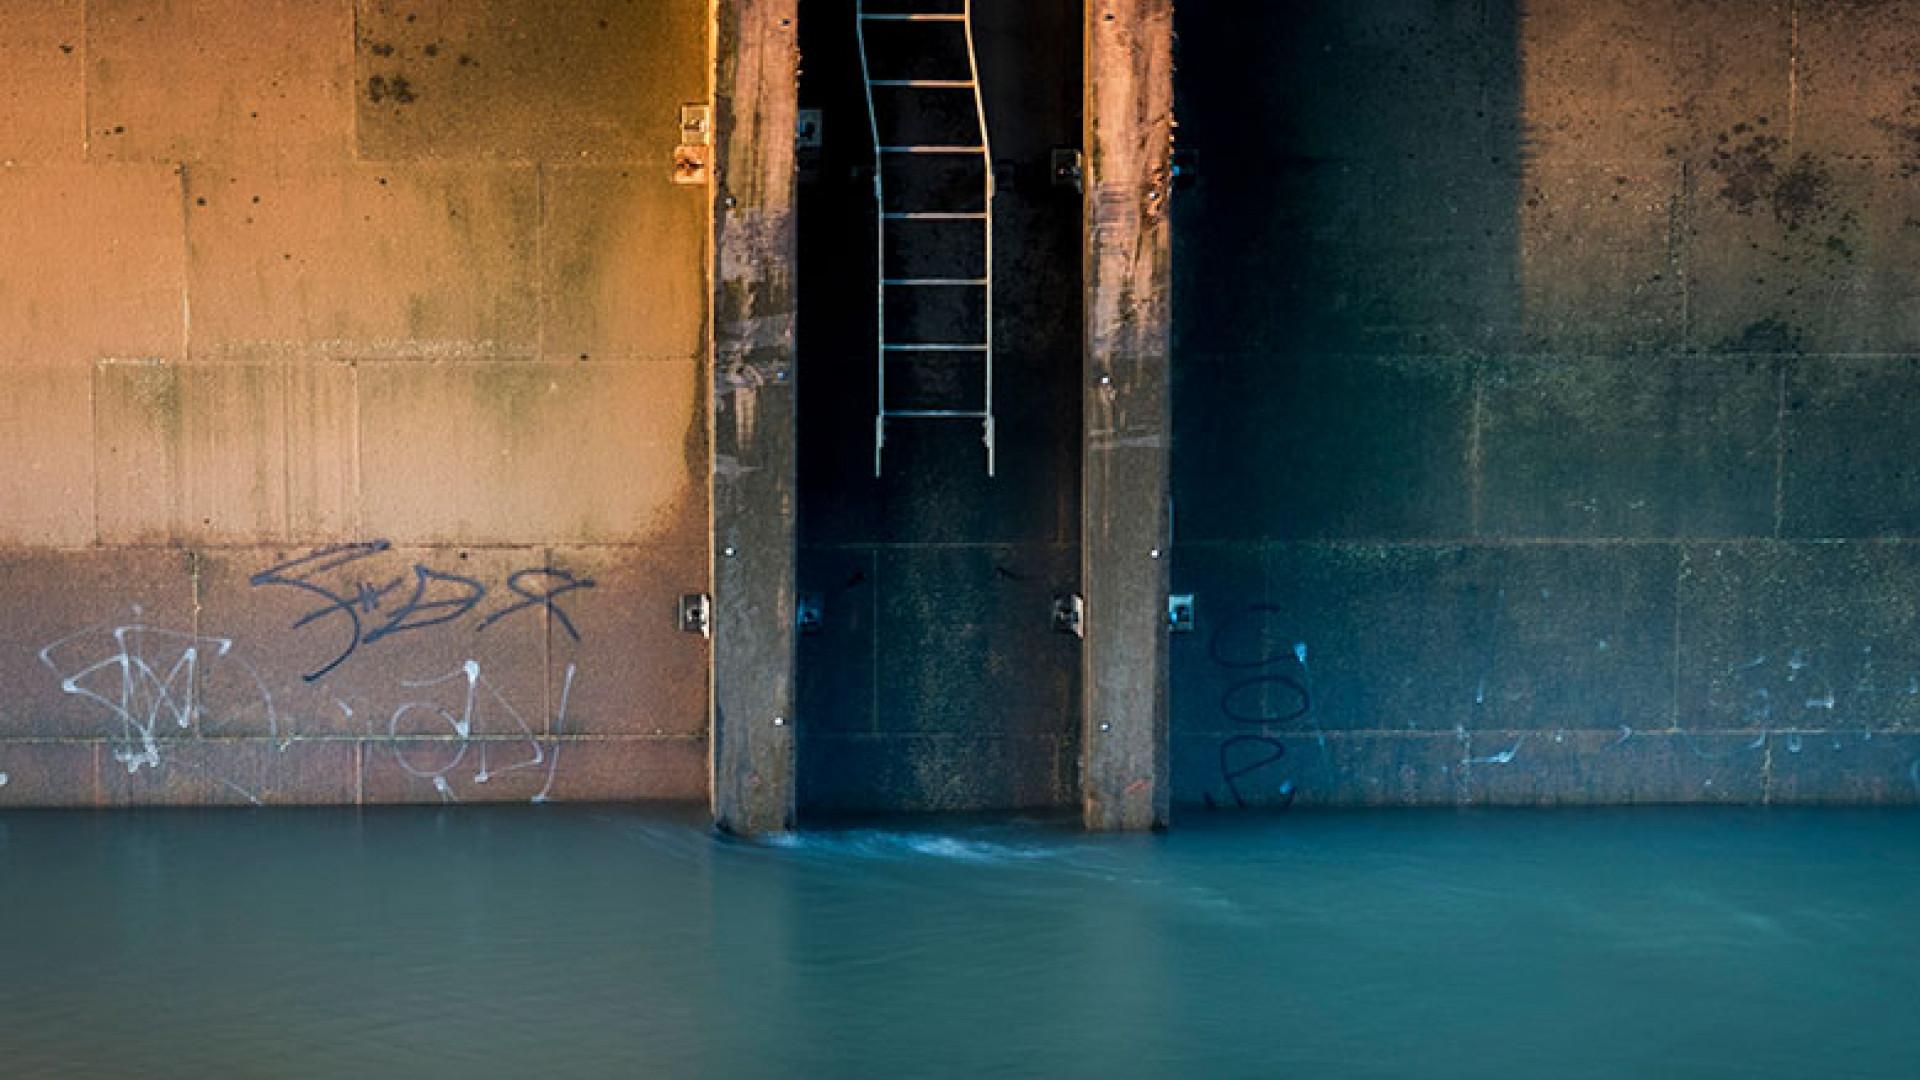 Jacob's-Ladder,-London-by-David-Breen,-(Take-a-view,-2013)